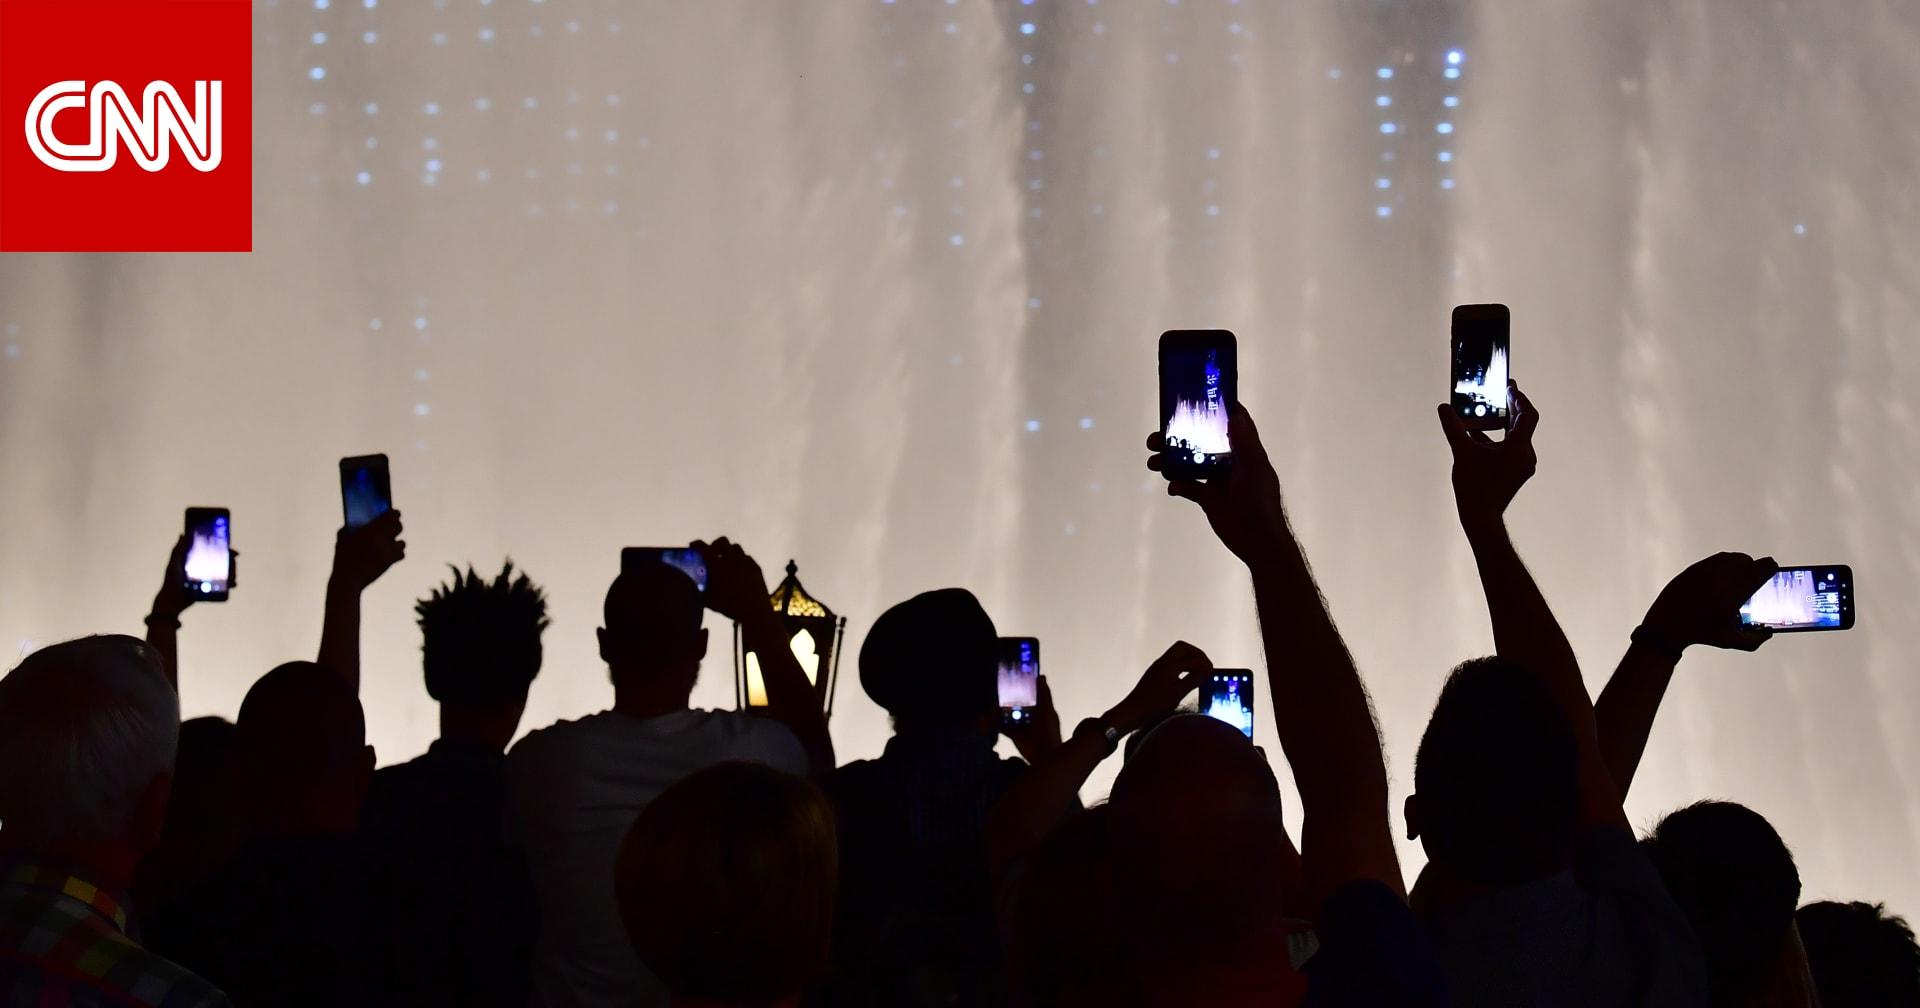 كيف كان أداء الدول العربية من حيث الاختراق الرقمي في عام 2020؟